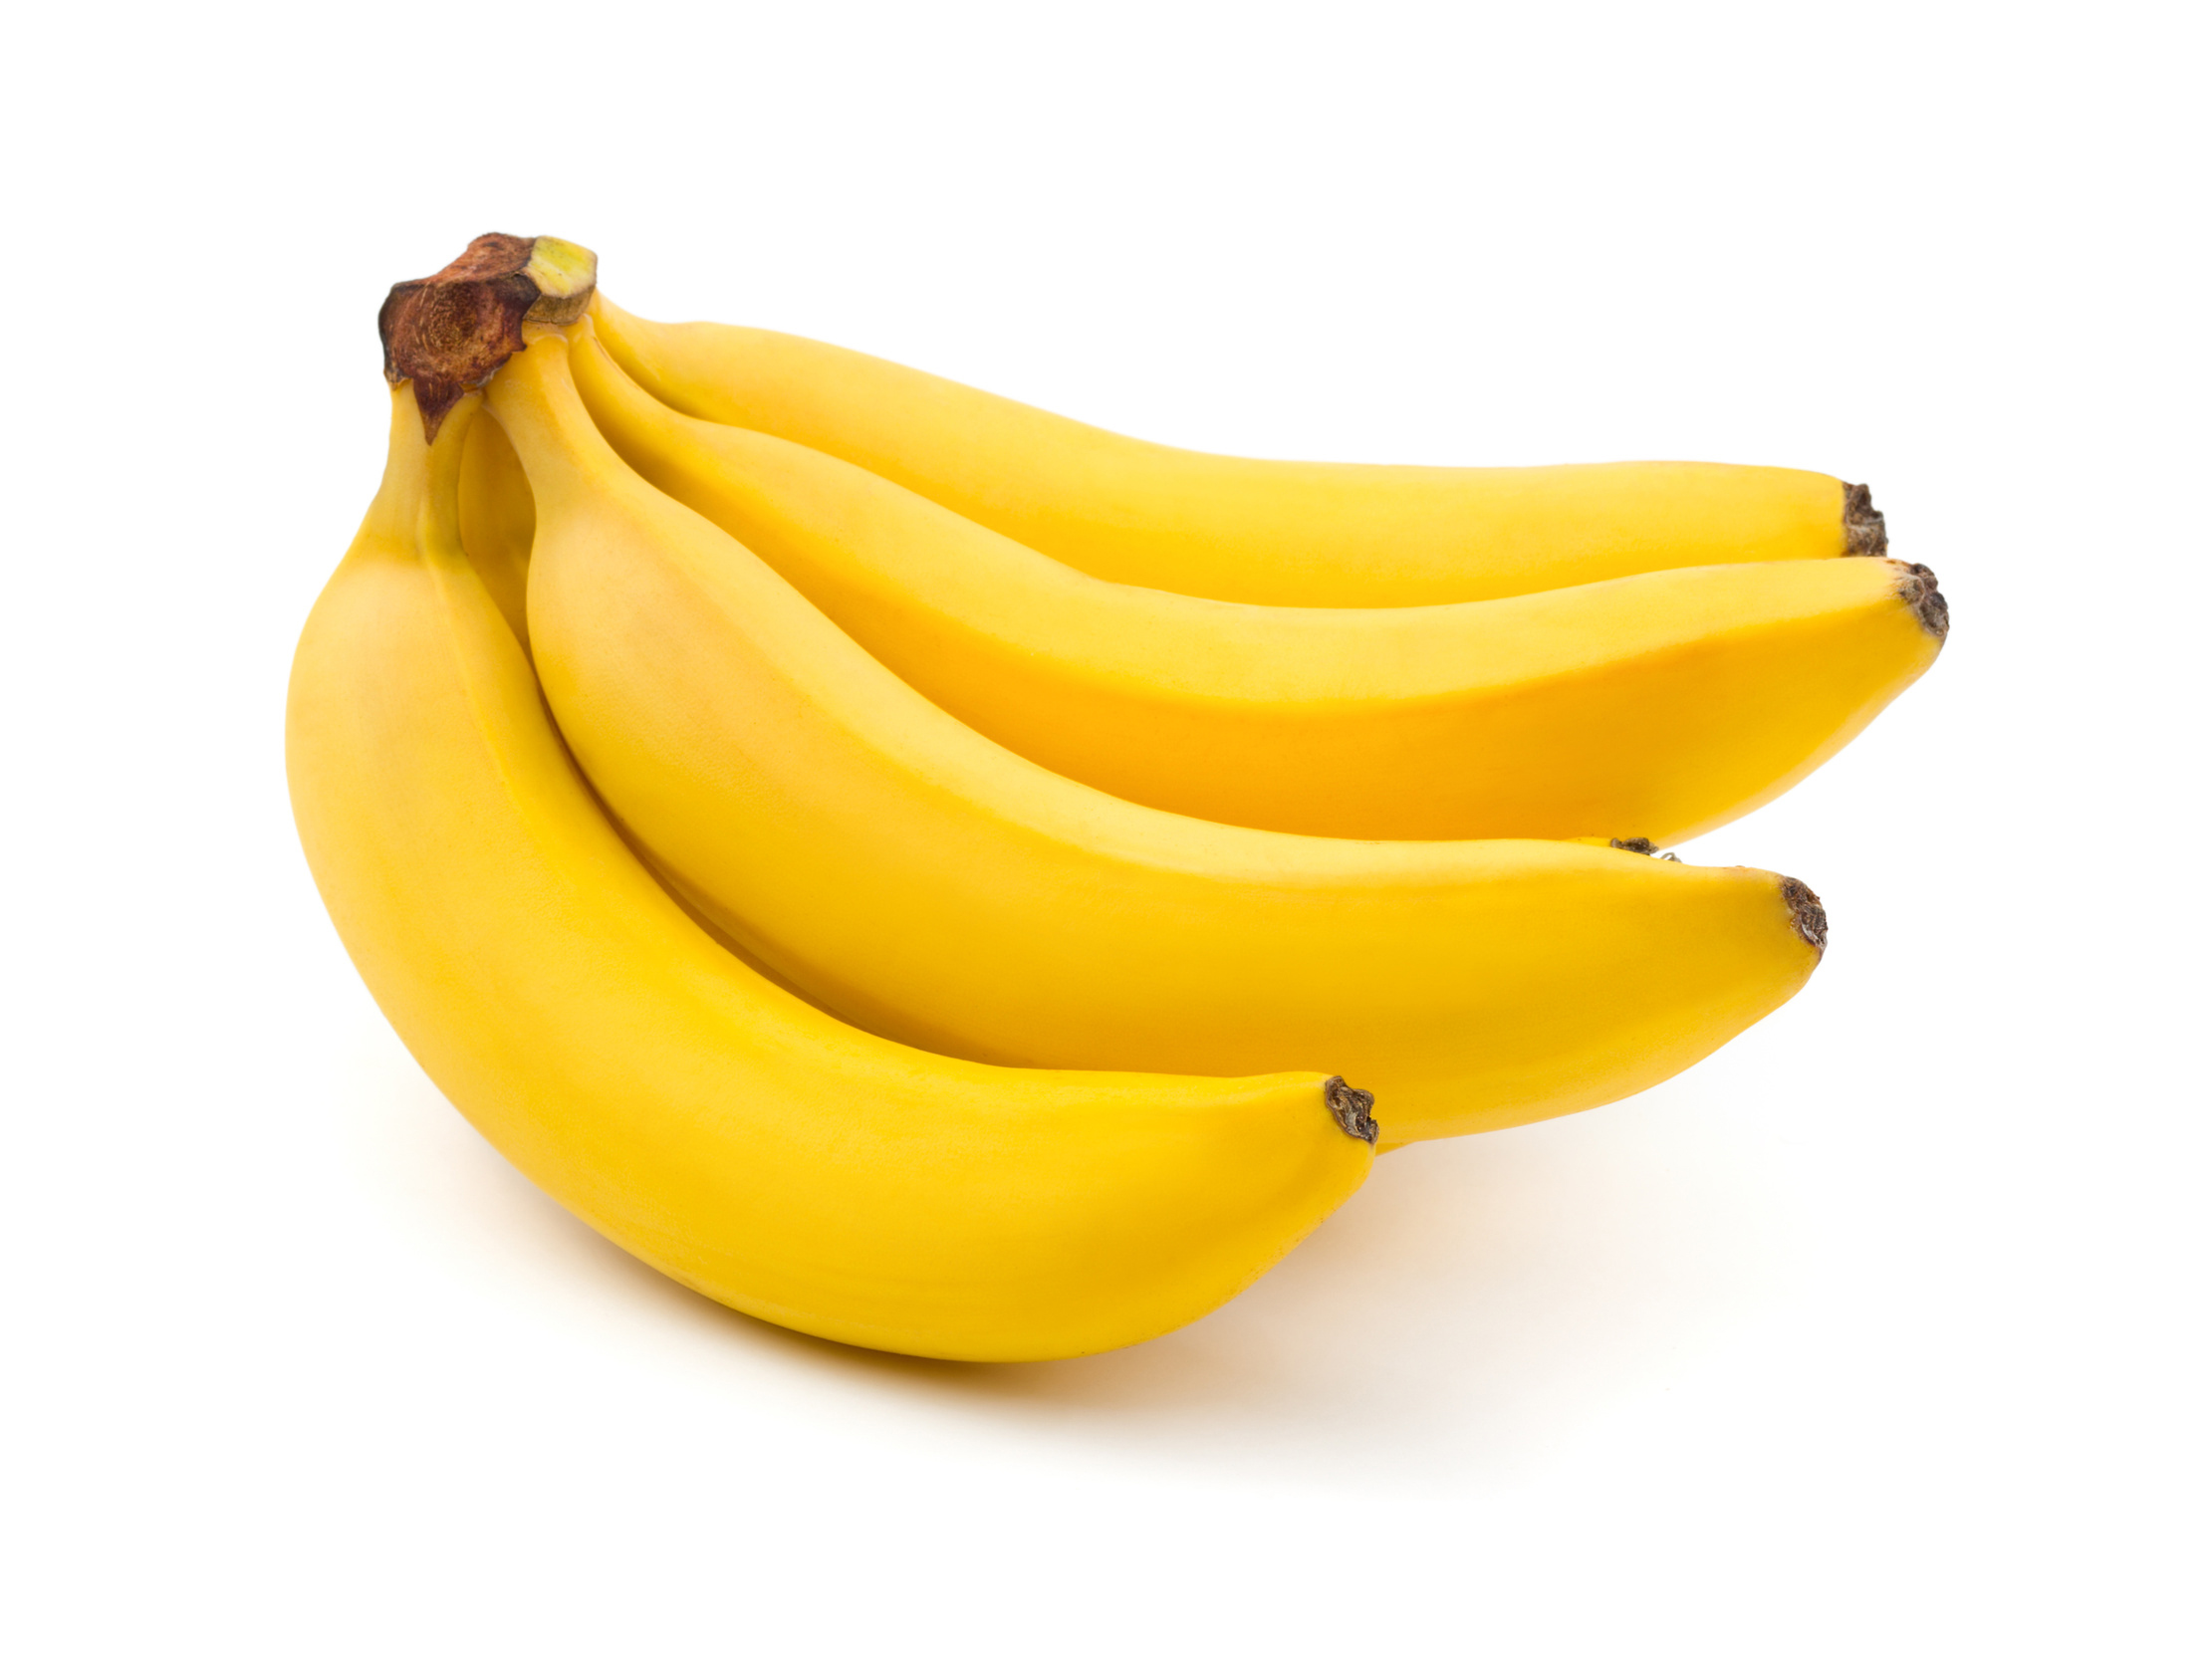 فوائد و اضرار الموز لجسم الانسان